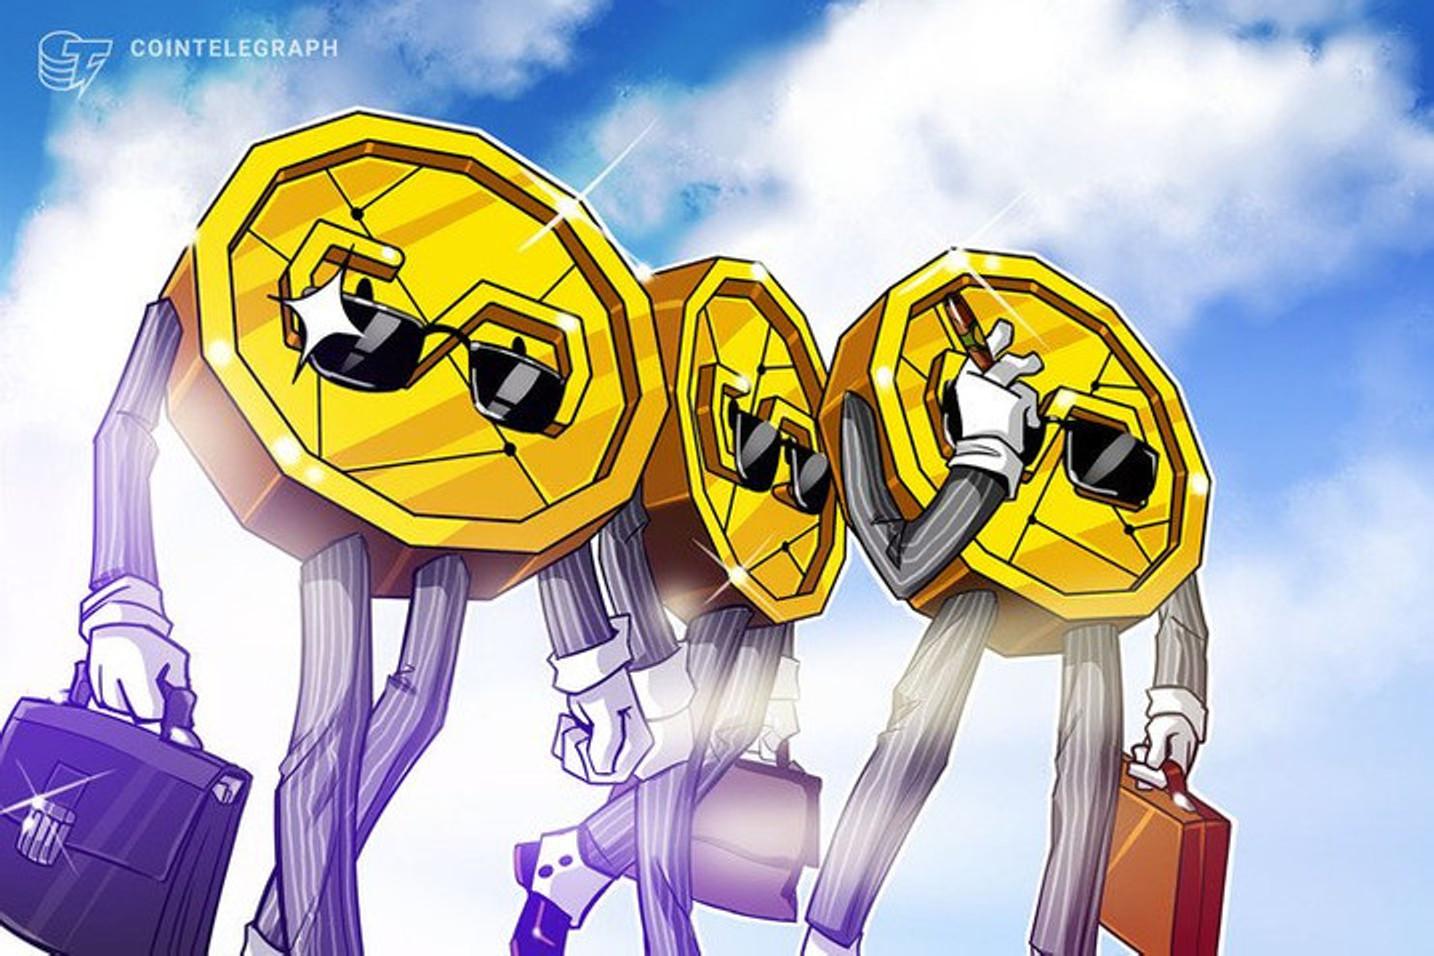 Criptomoeda brasileira atinge marca de 1 bilhão de tokens em circulação